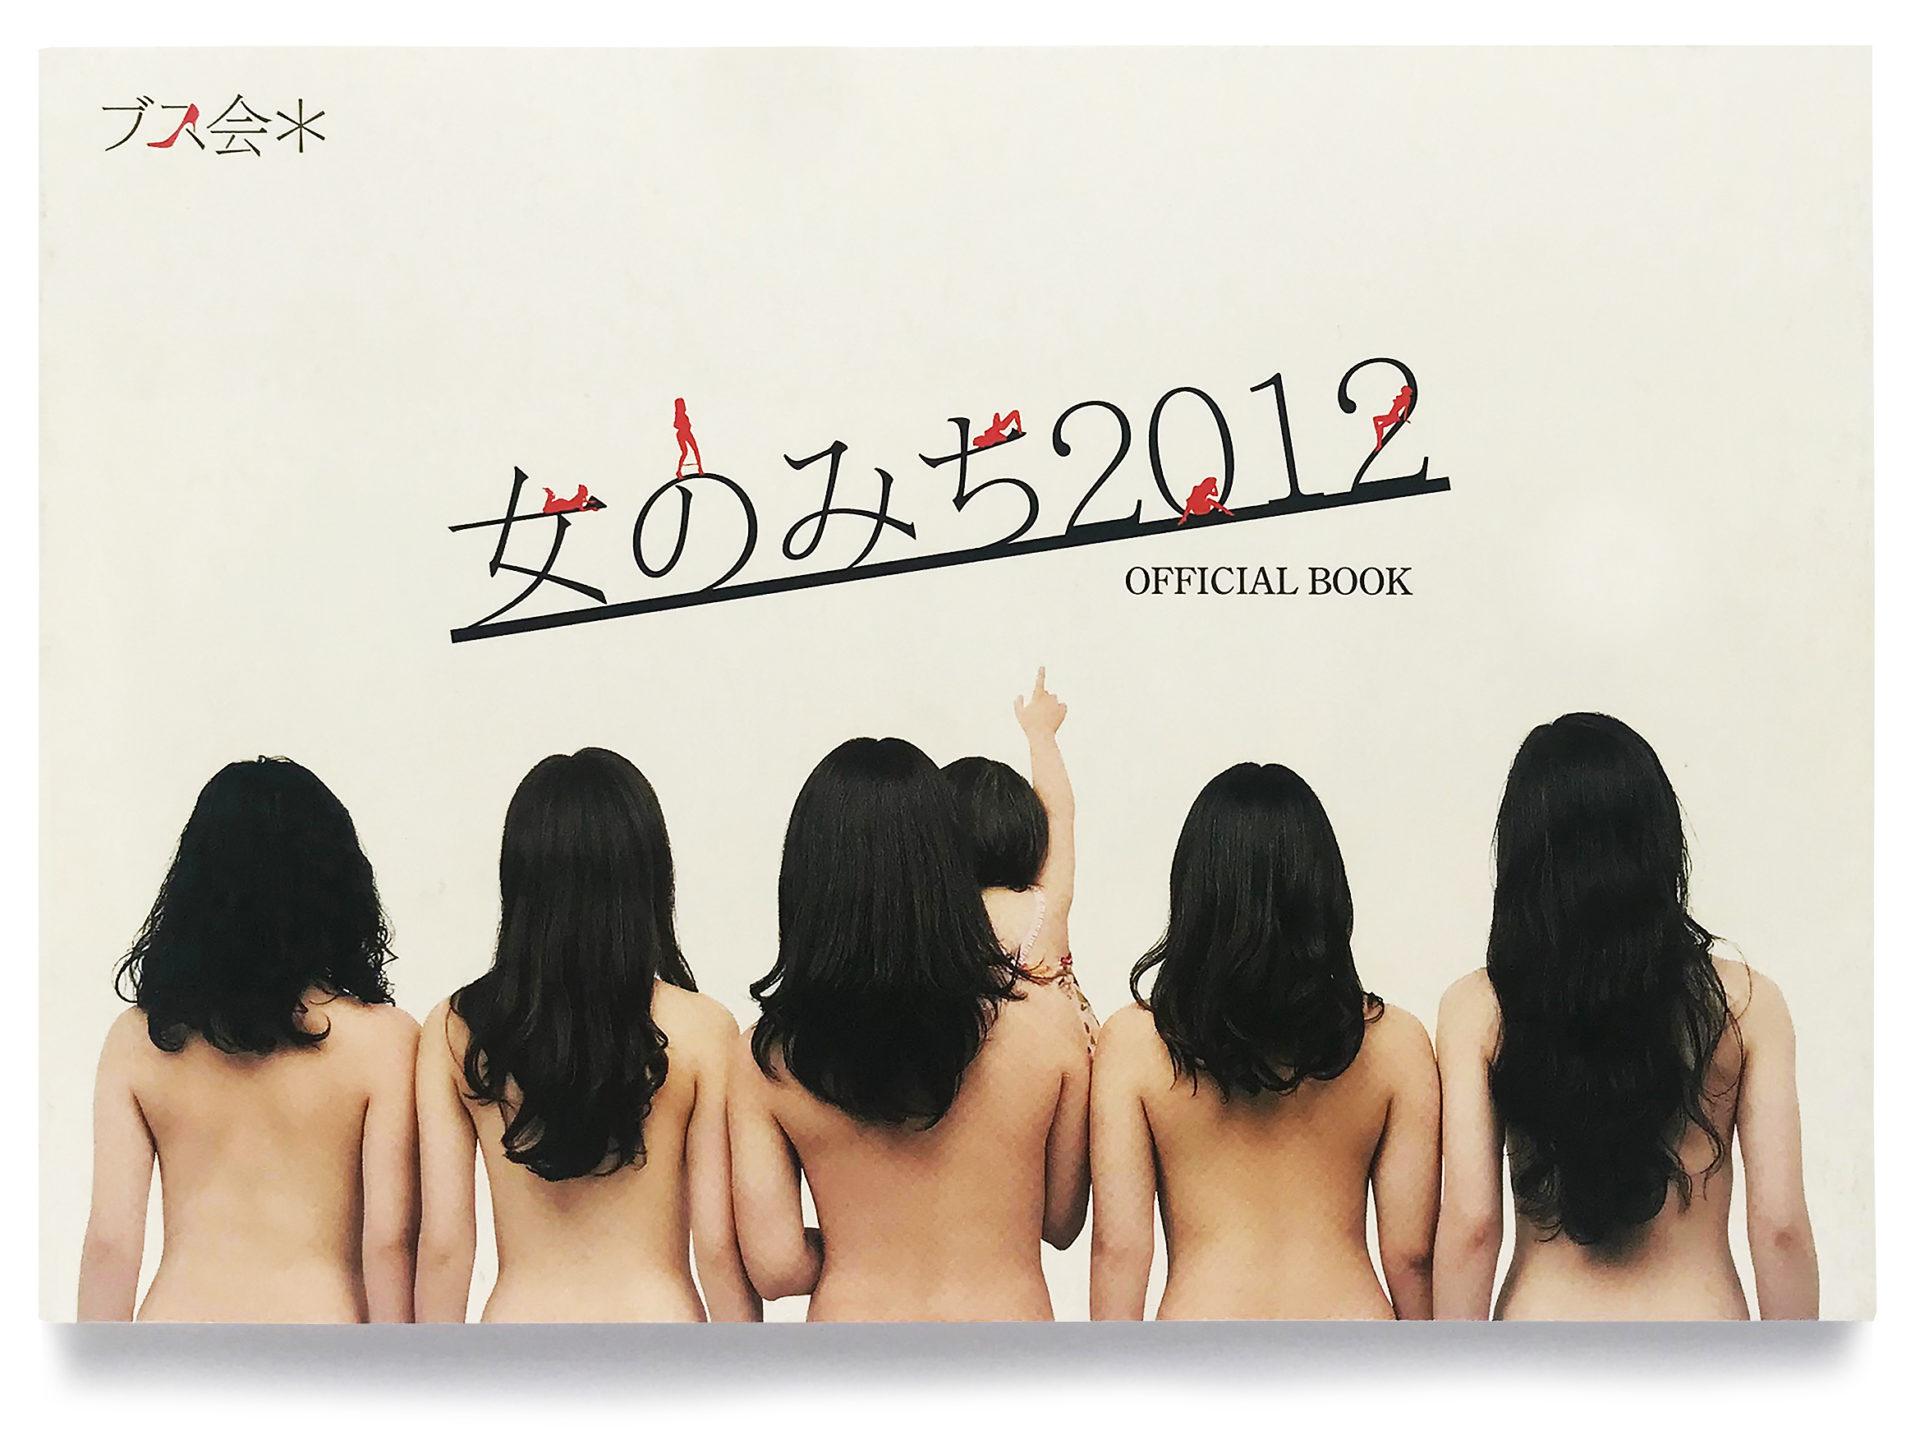 第5回ブス会*『女のみち 2012 再演』